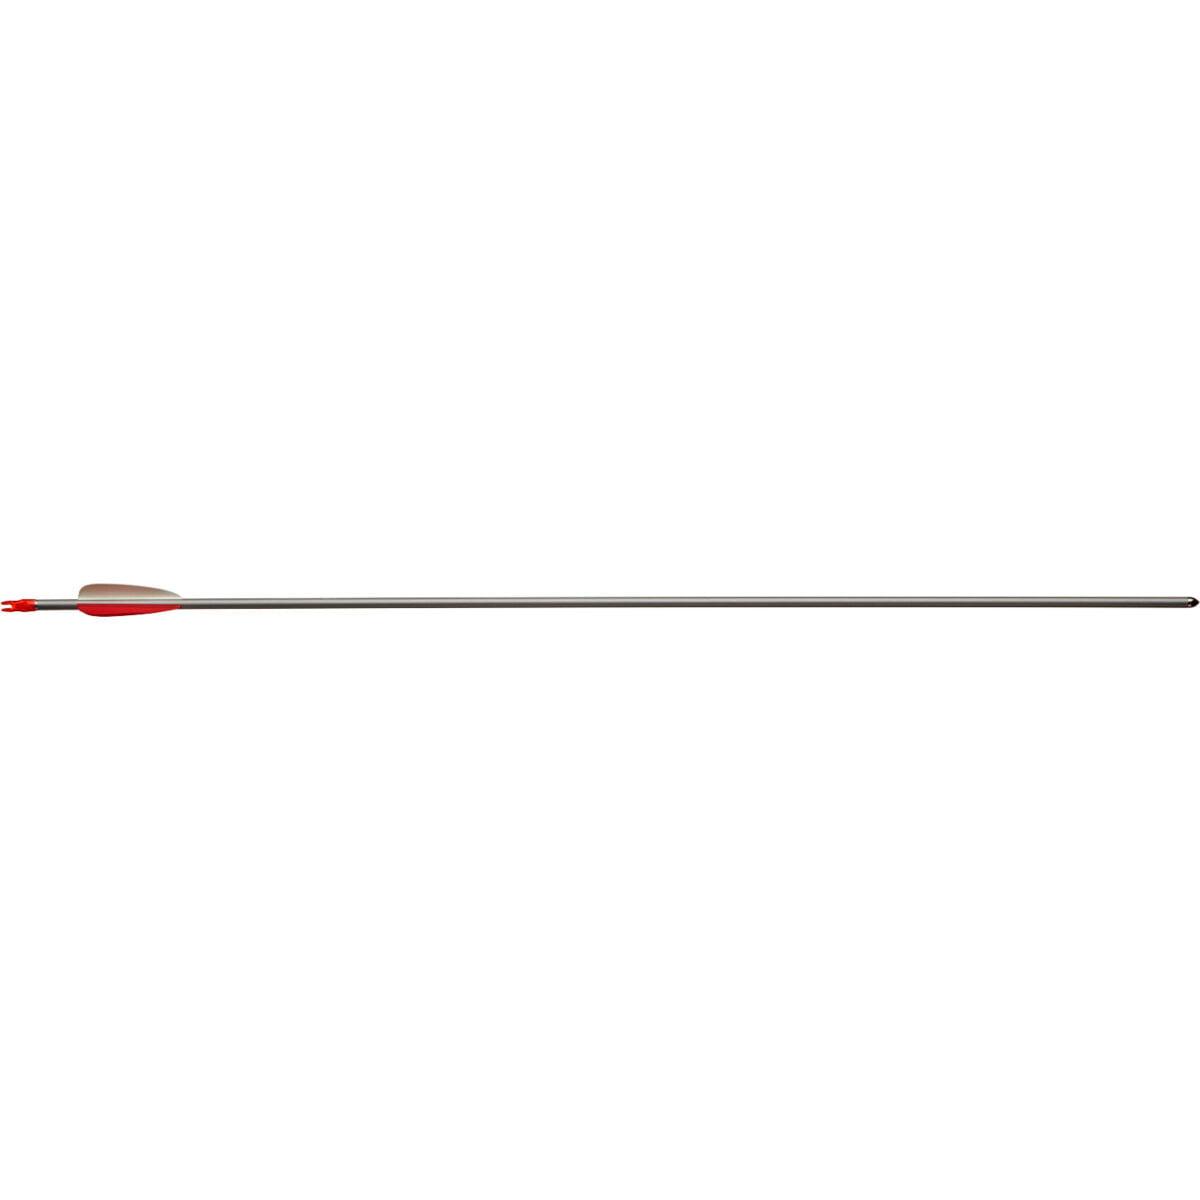 Стрела для лука Man Kung MK-AAL29-1716 , алюминий ц:серебро